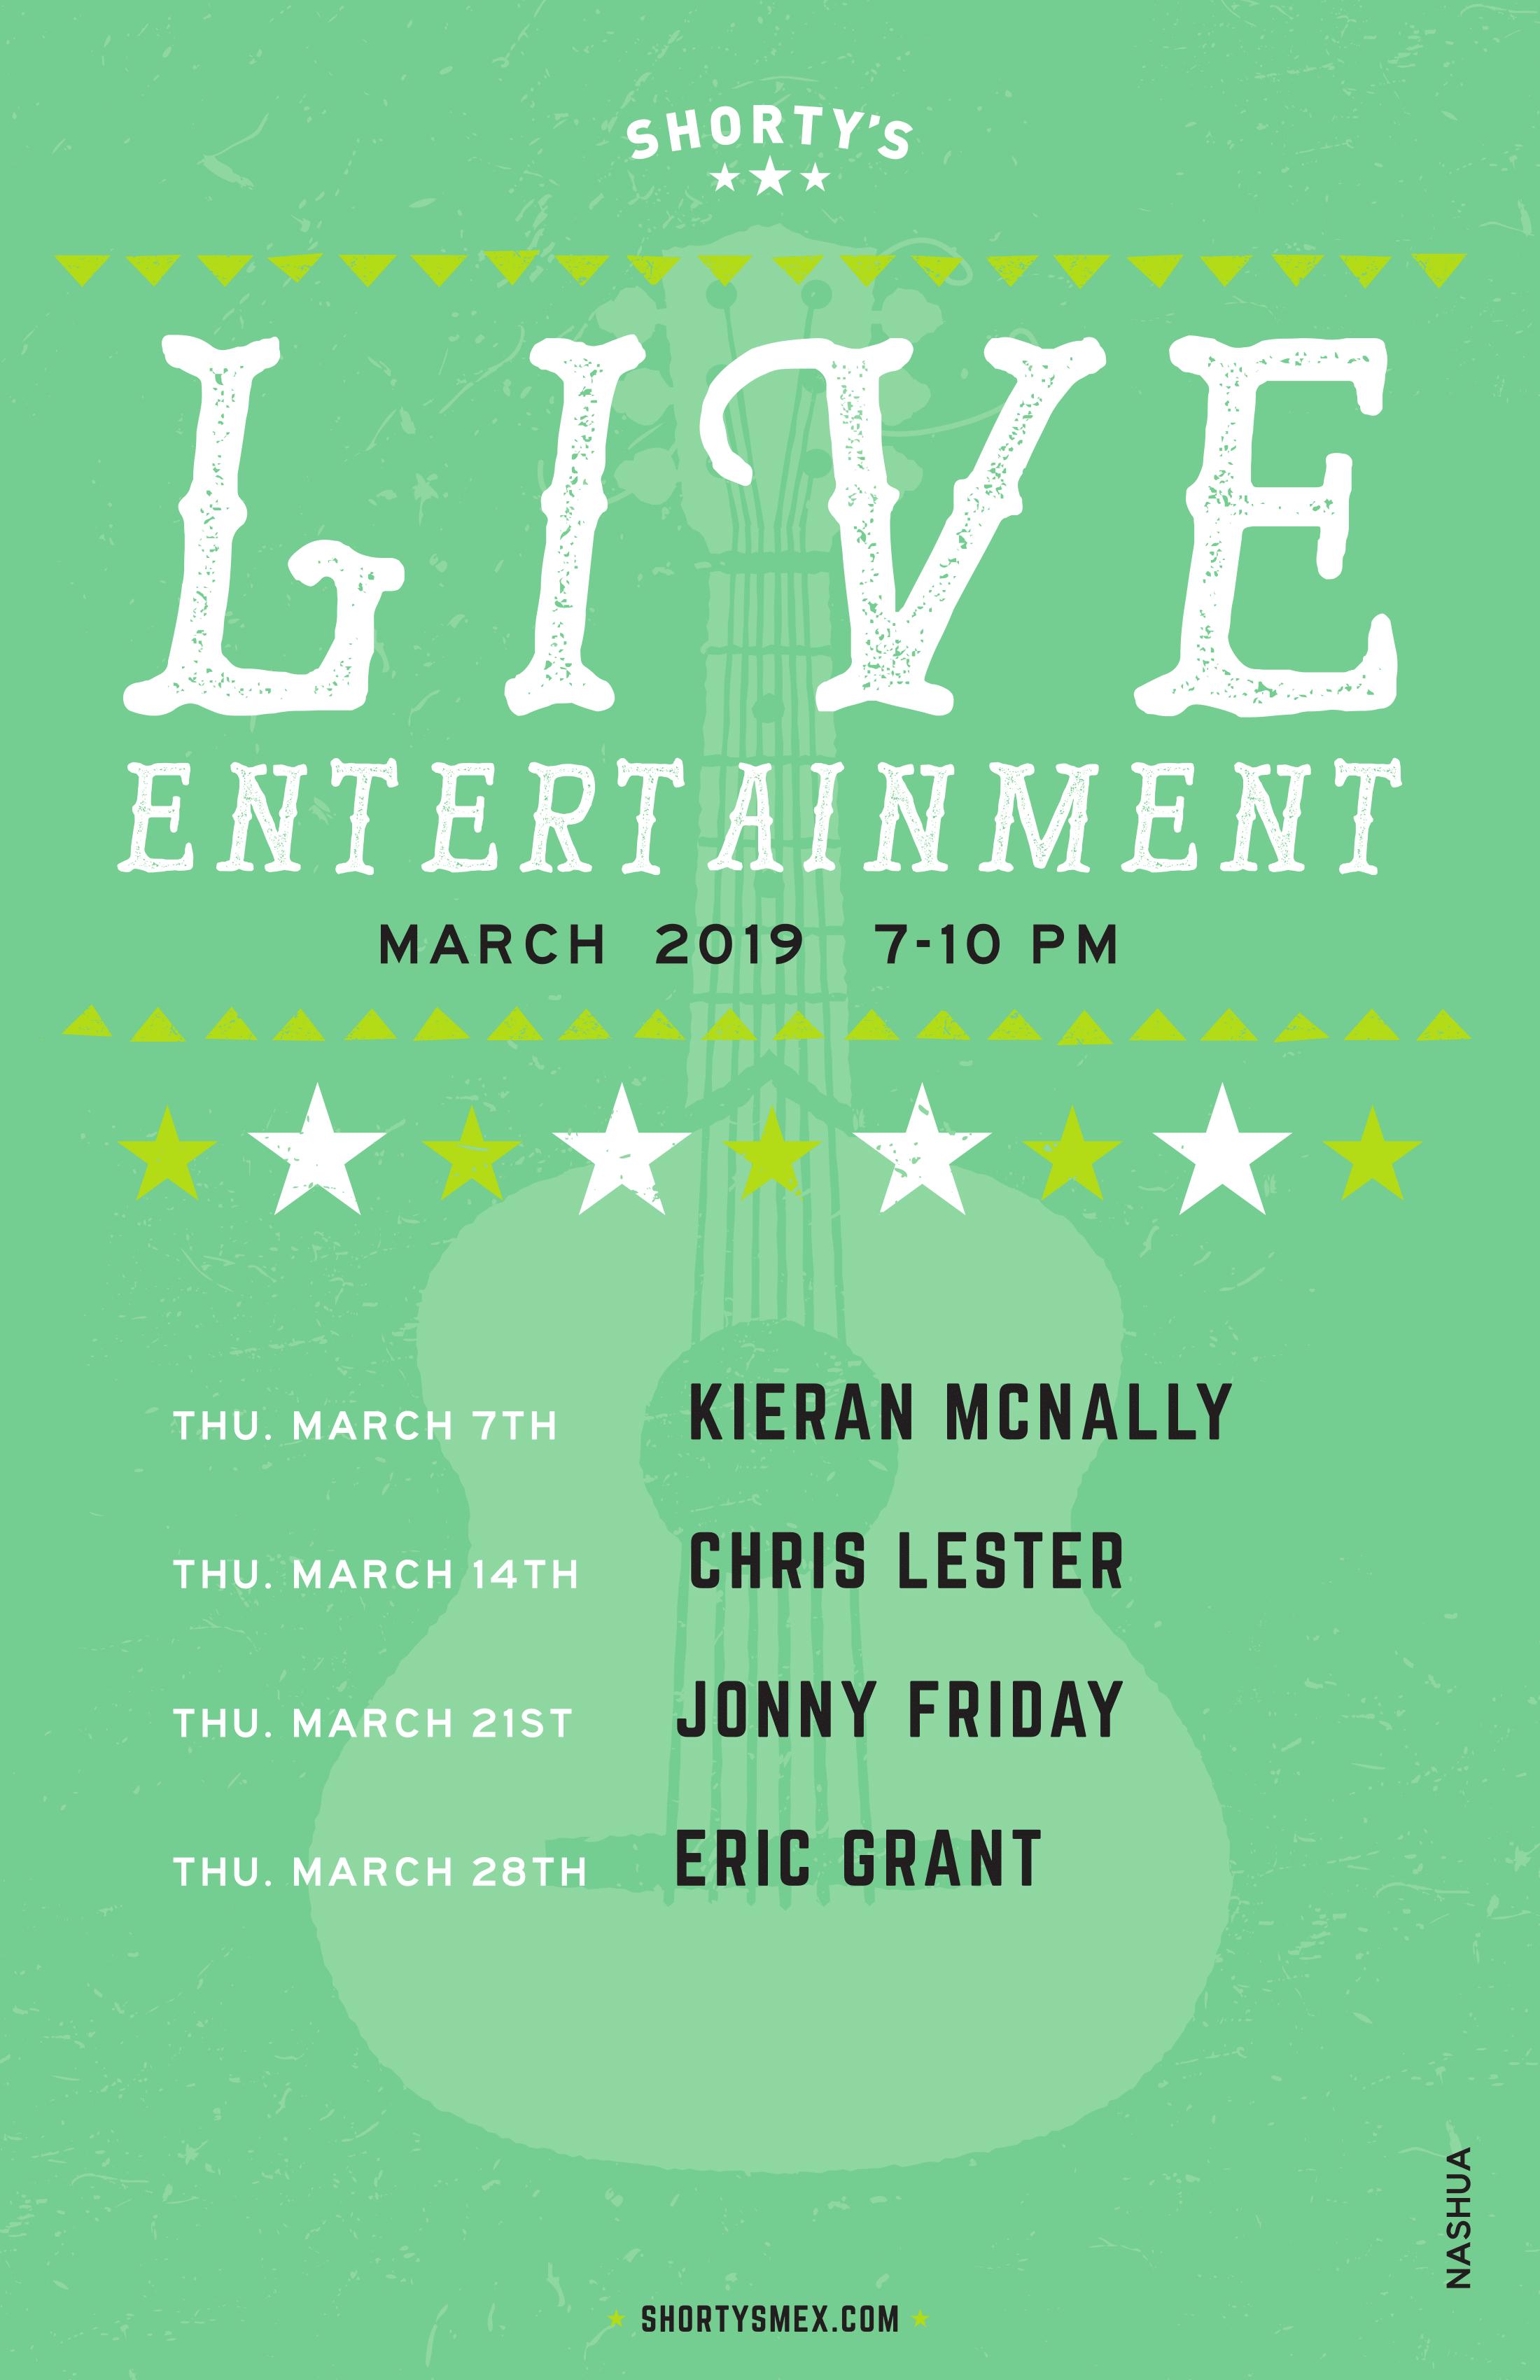 Shorty's Live Entertainment Calendar - March in Nashua